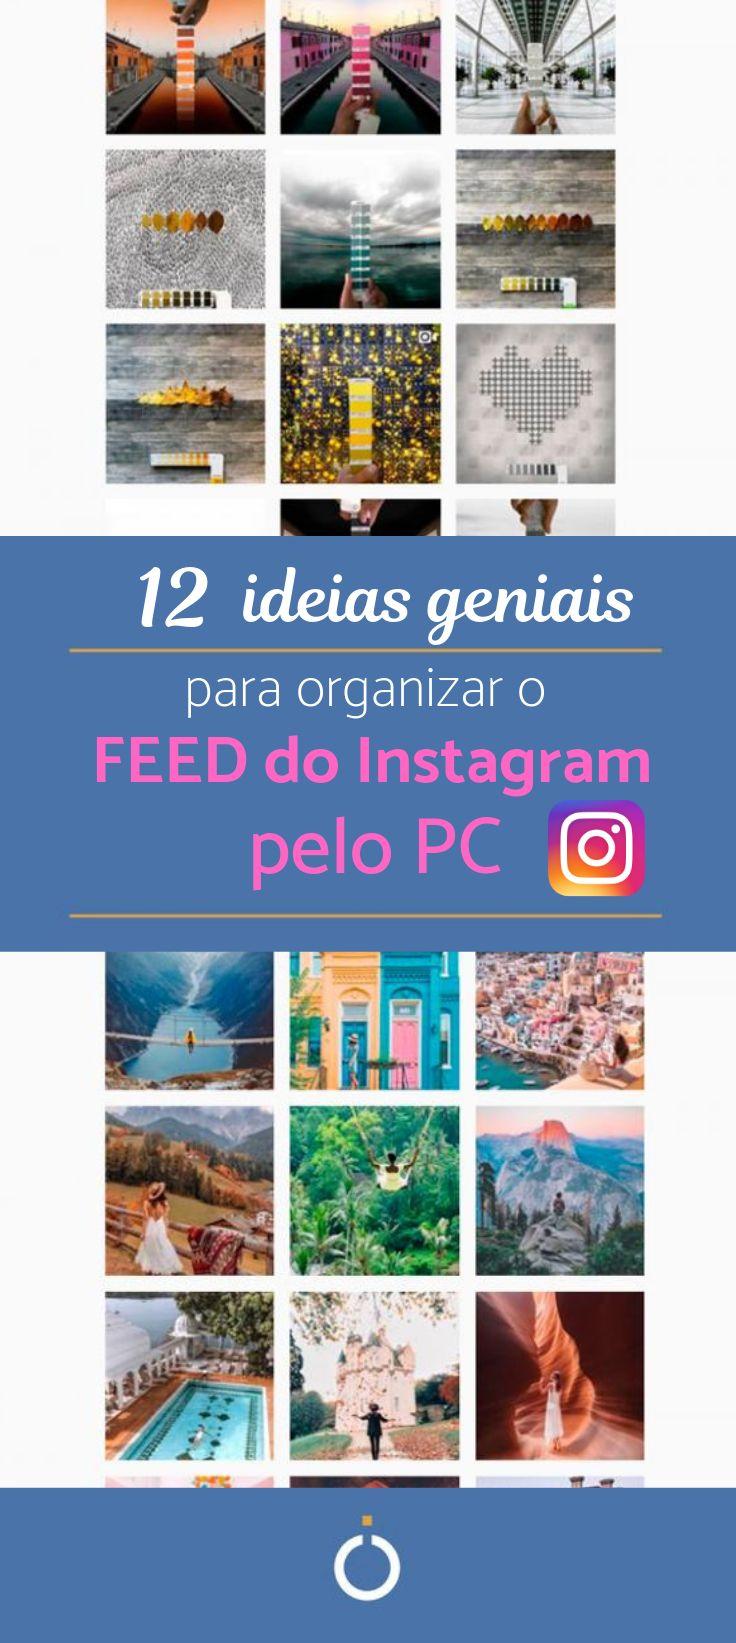 Como organizar o feed do Instagram pelo PC Instagram